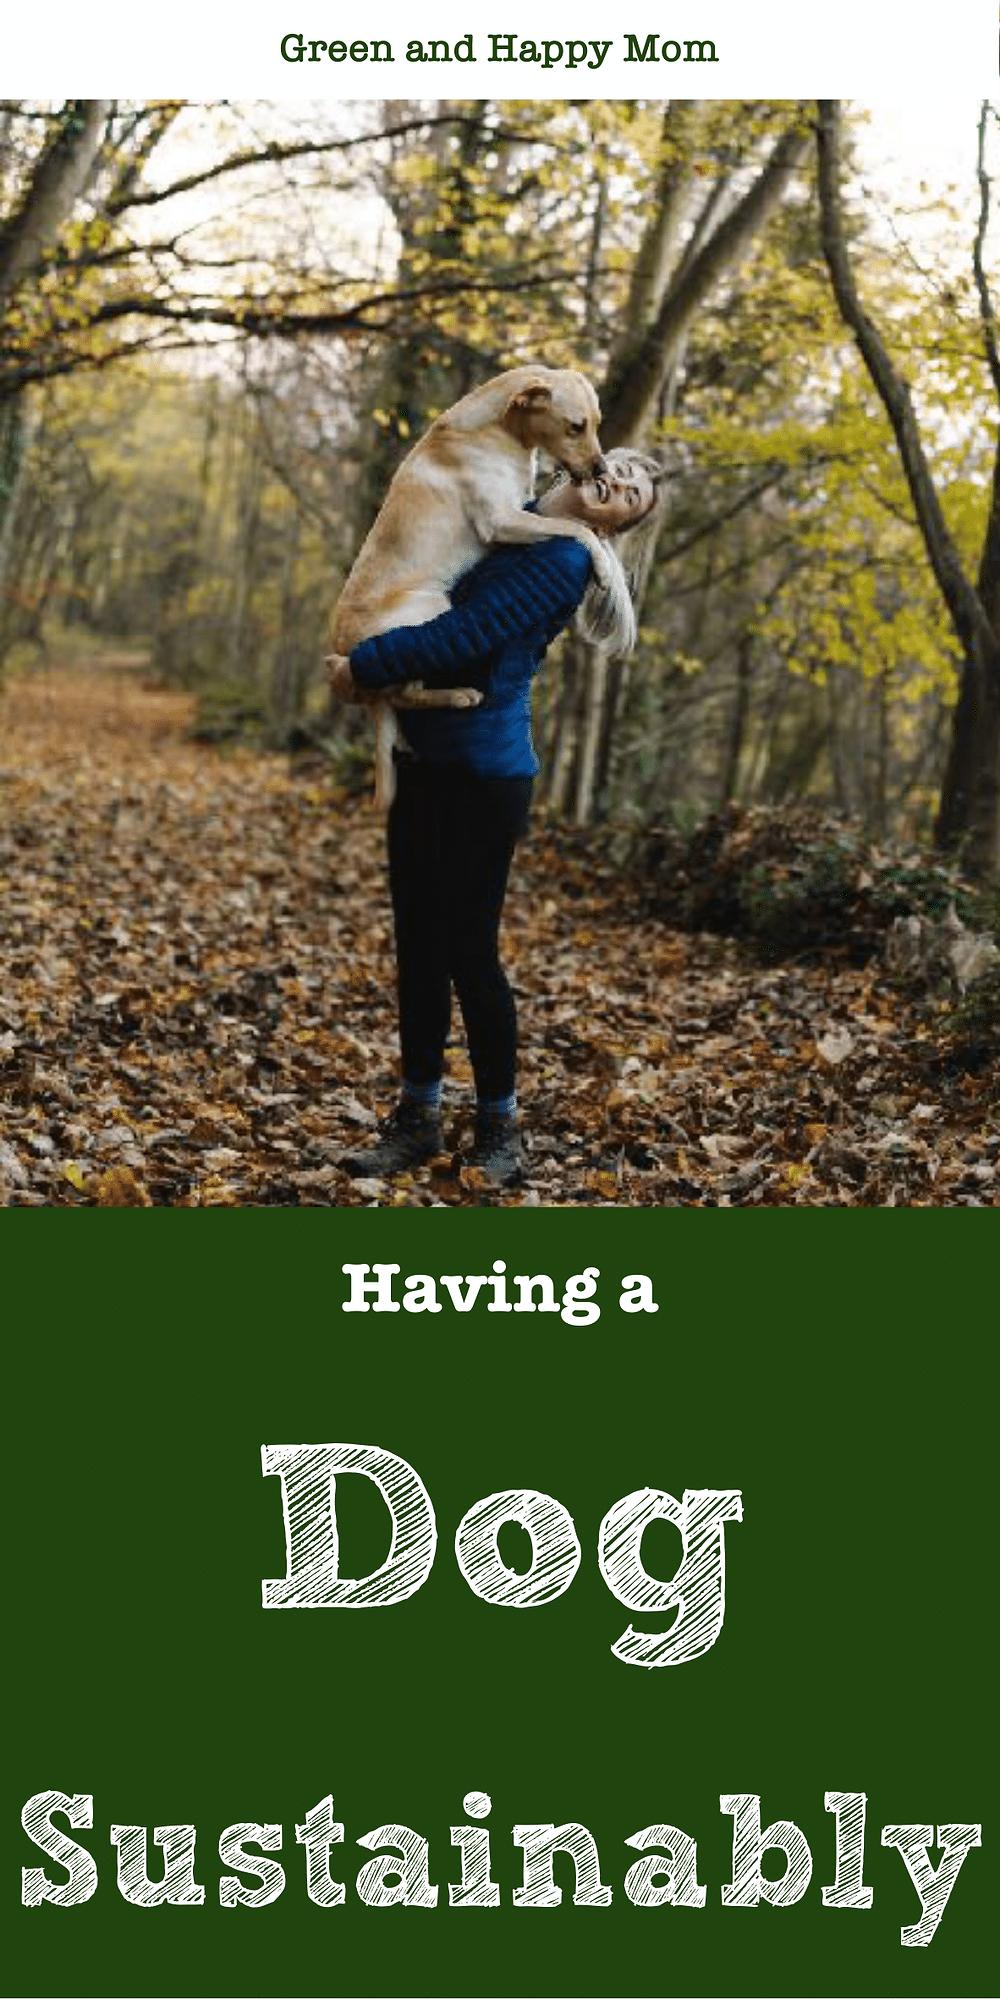 Zero waste dog